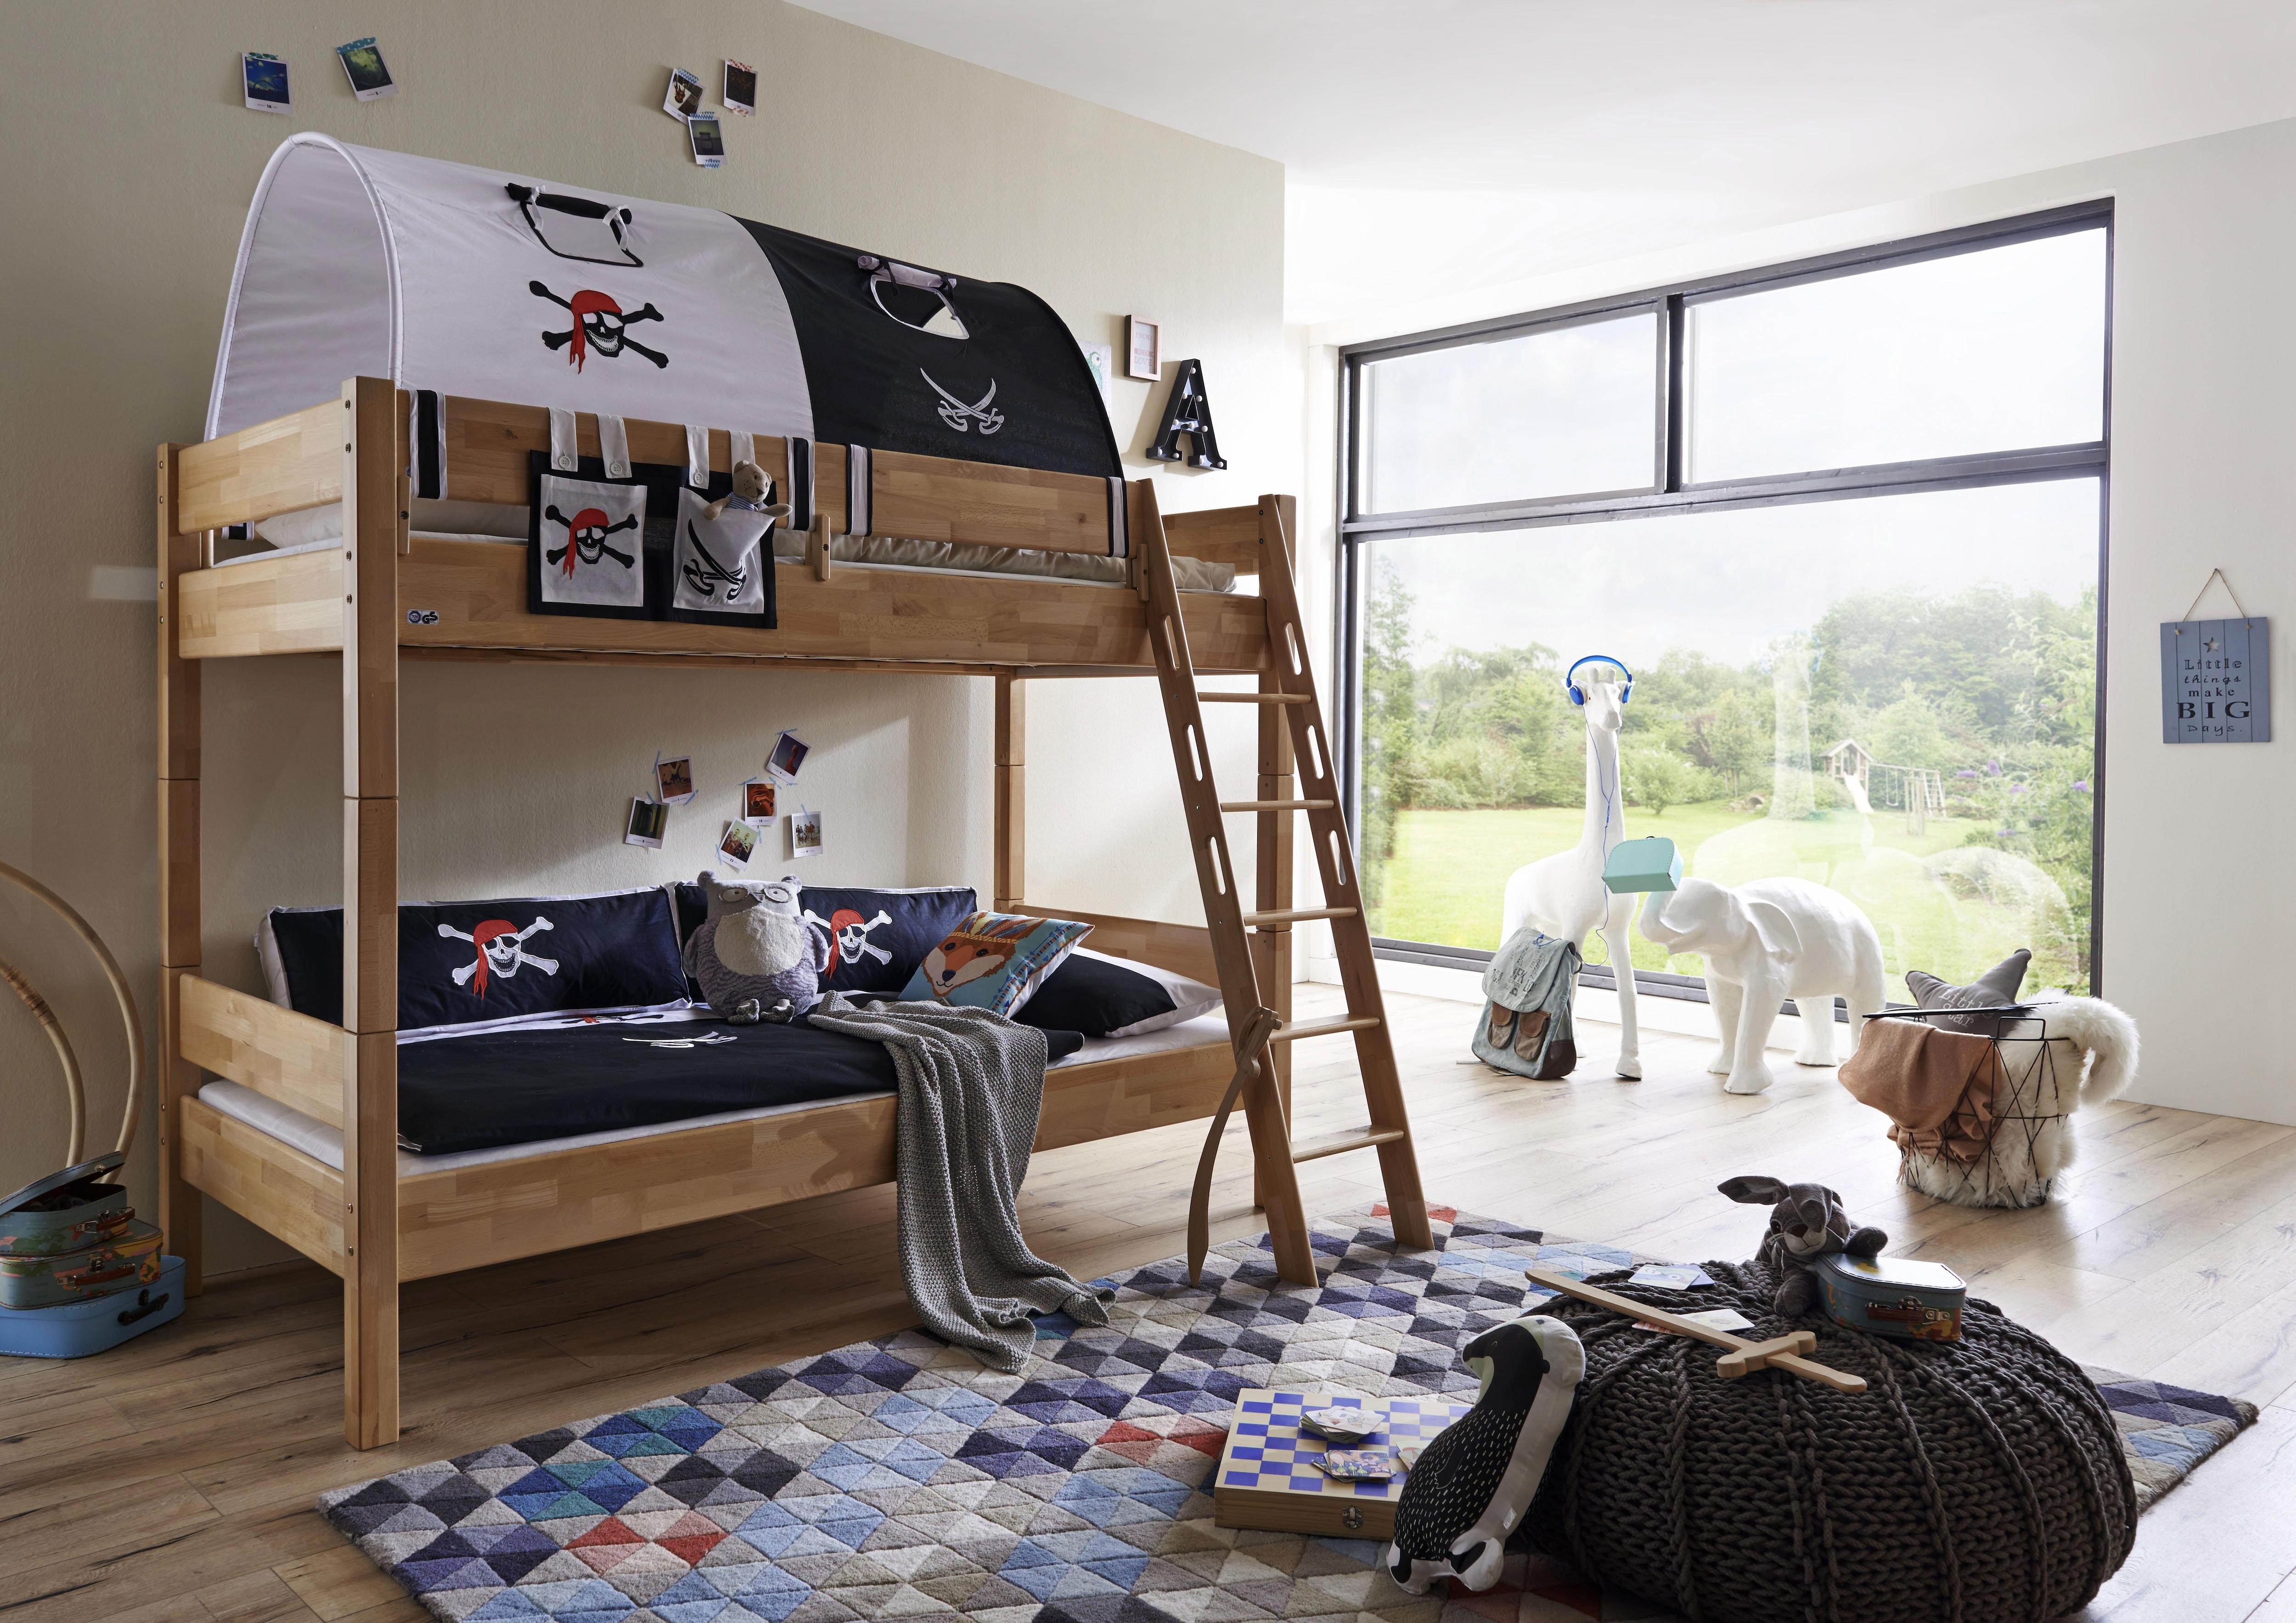 Quelle Etagenbett : Bunt etagenbetten online kaufen möbel suchmaschine ladendirekt.de